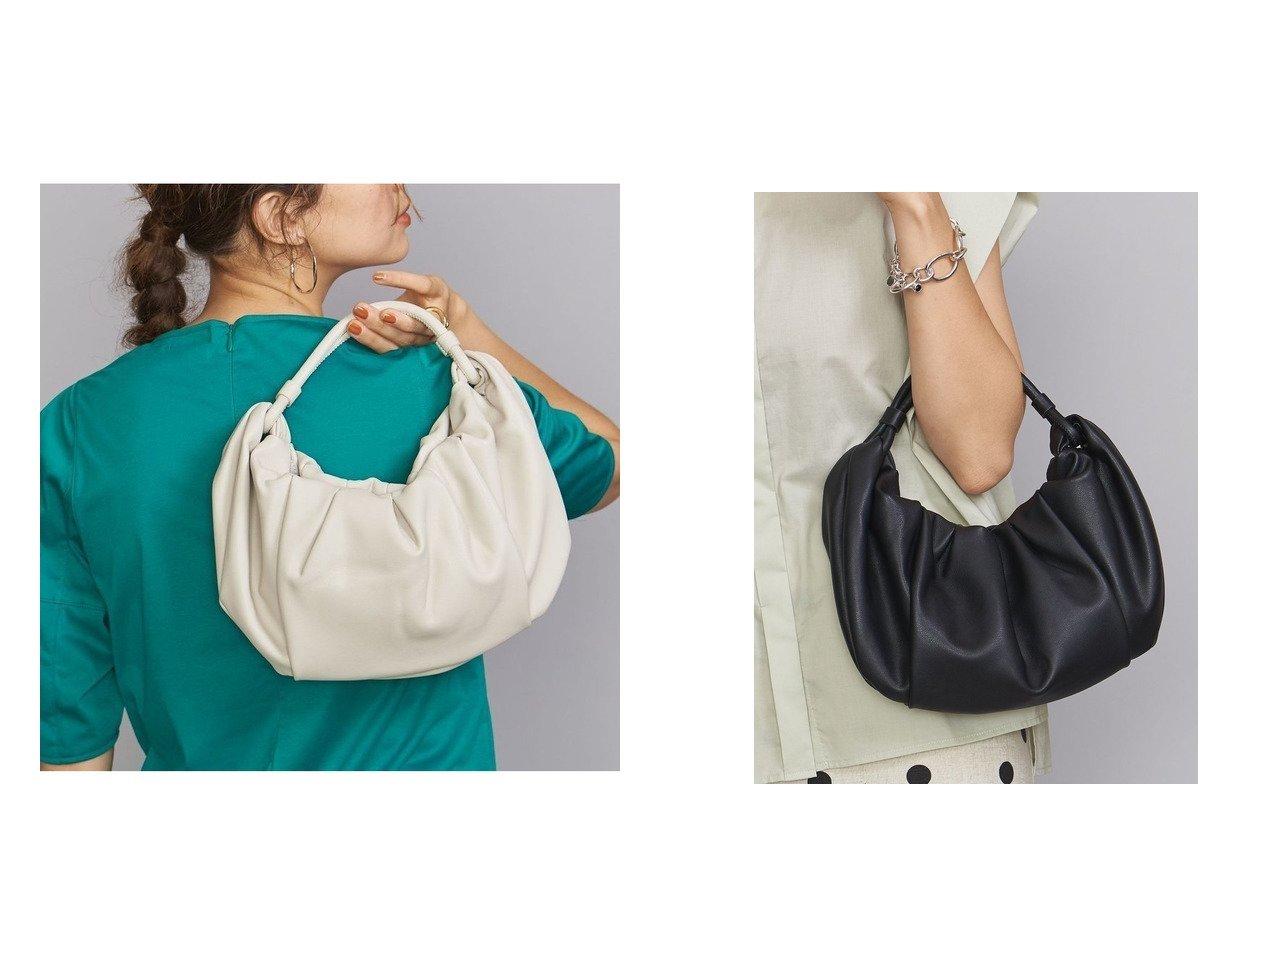 【BEAUTY&YOUTH / UNITED ARROWS/ビューティ&ユース ユナイテッドアローズ】のADD CULUMN ギャザーショルダーバッグ 【バッグ・鞄】おすすめ!人気、トレンド・レディースファッションの通販   おすすめで人気の流行・トレンド、ファッションの通販商品 インテリア・家具・メンズファッション・キッズファッション・レディースファッション・服の通販 founy(ファニー) https://founy.com/ ファッション Fashion レディースファッション WOMEN バッグ Bag ギャザー シンプル トレンド フェイクレザー フォルム ベーシック 再入荷 Restock/Back in Stock/Re Arrival |ID:crp329100000064848